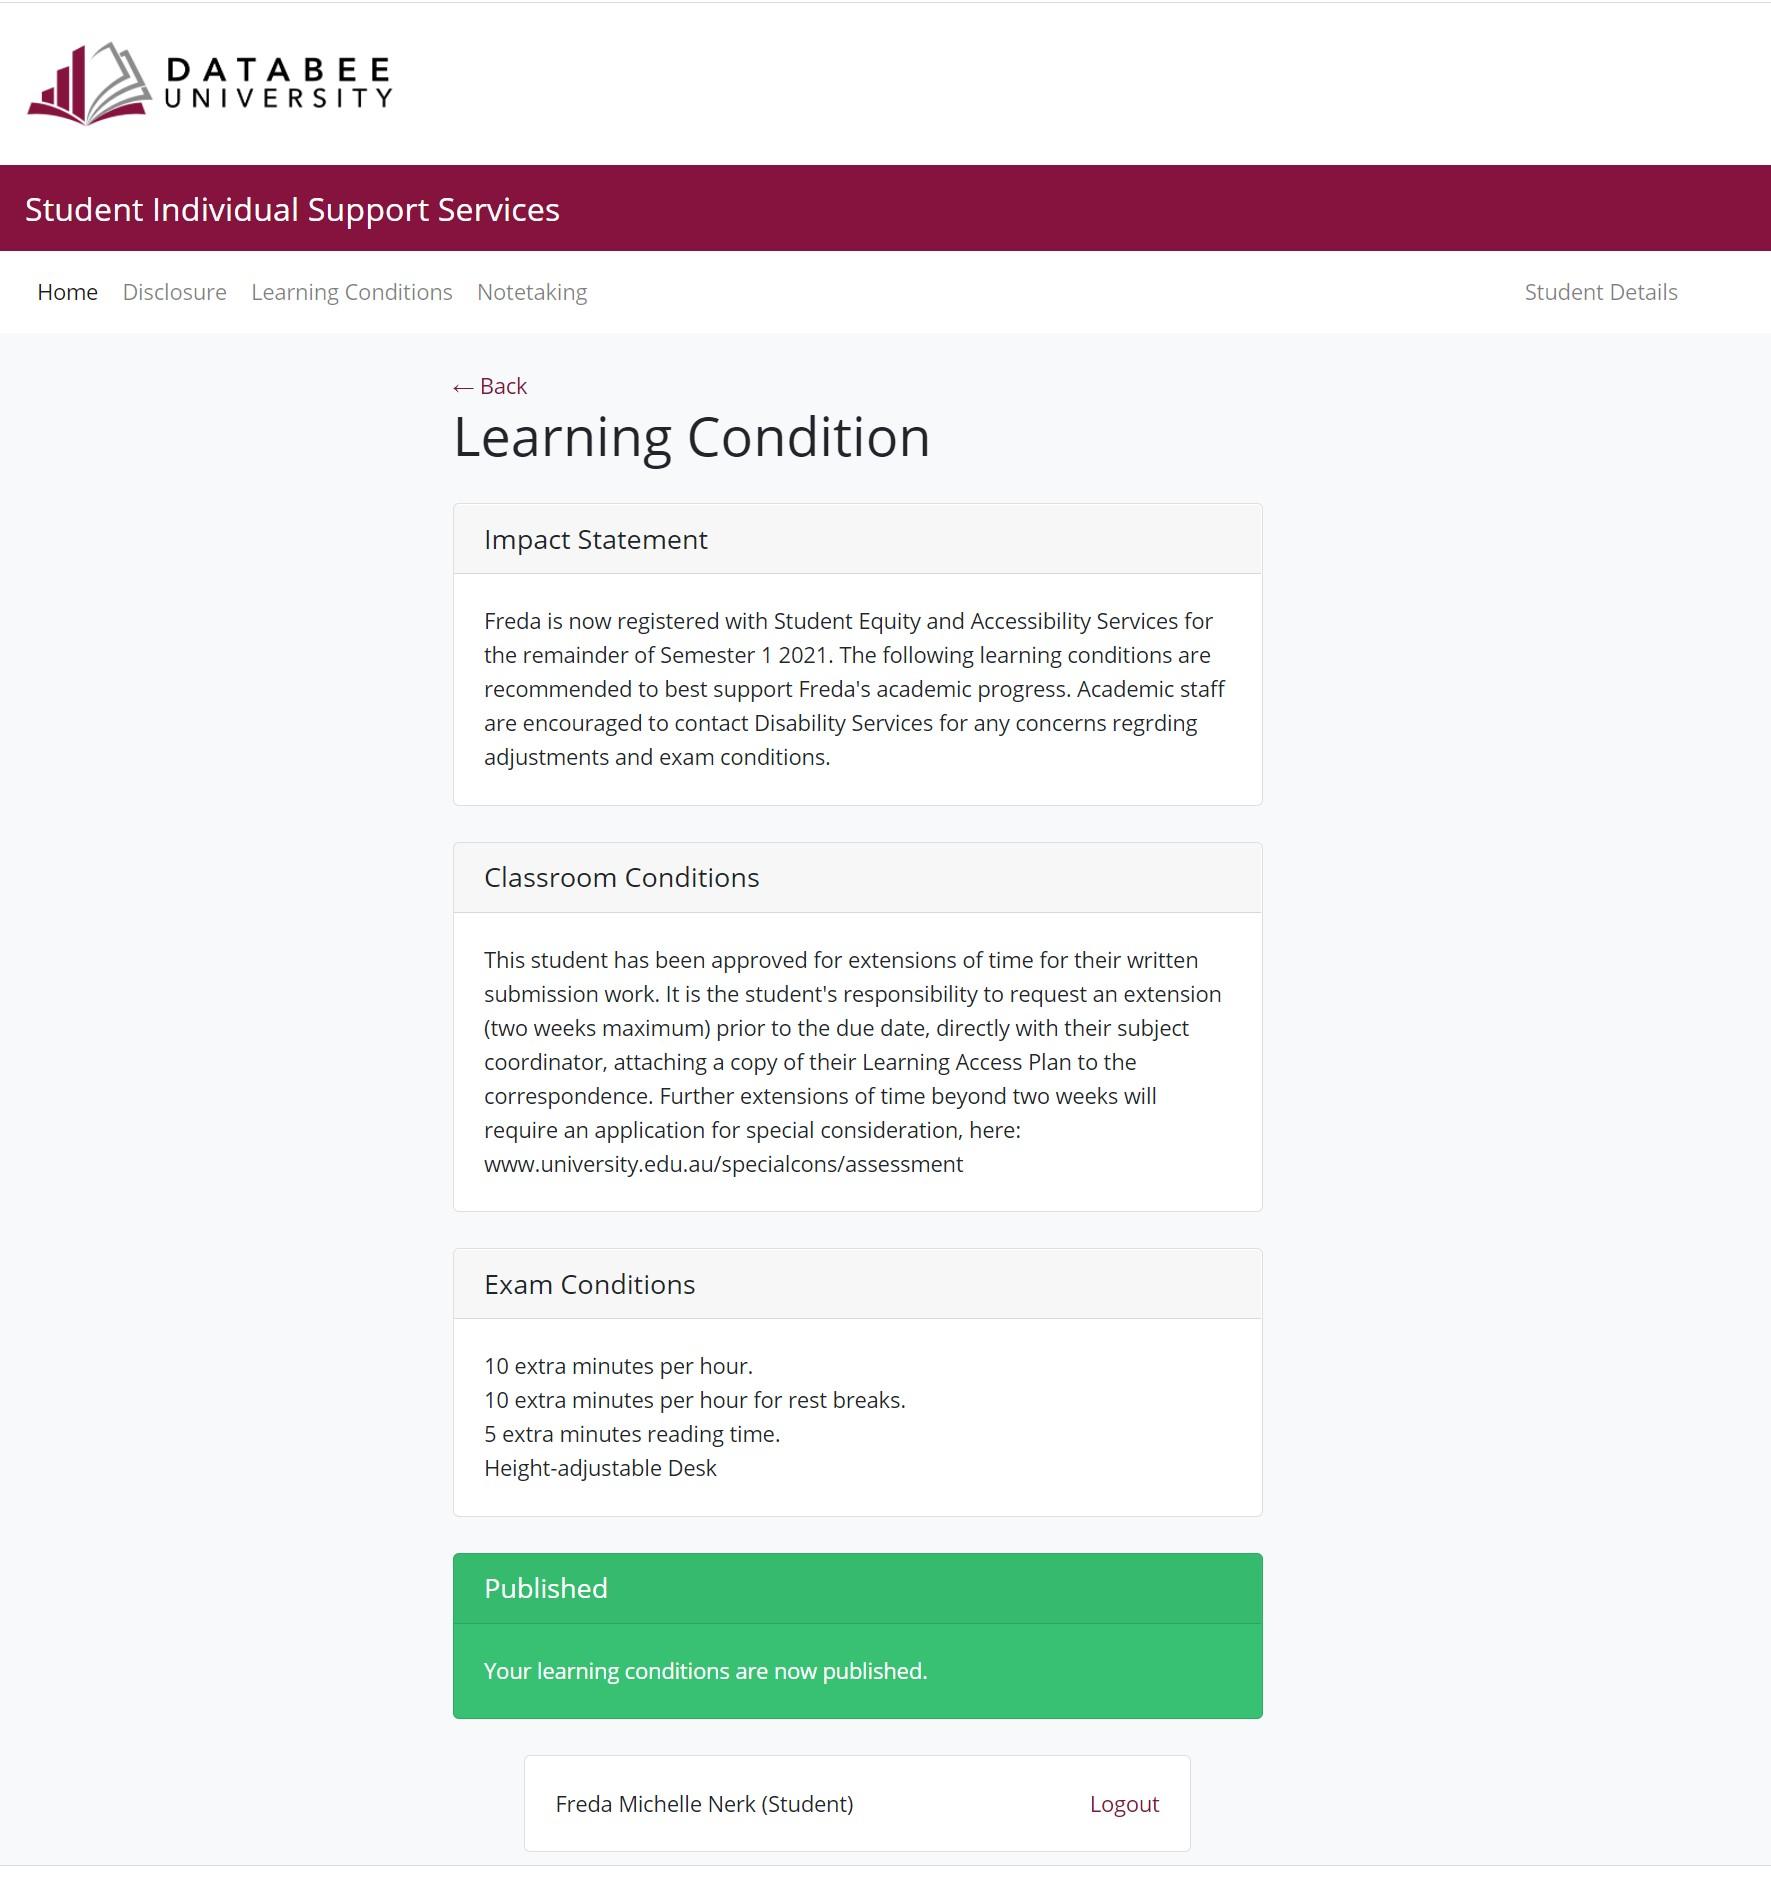 Assist Student Lap Portal